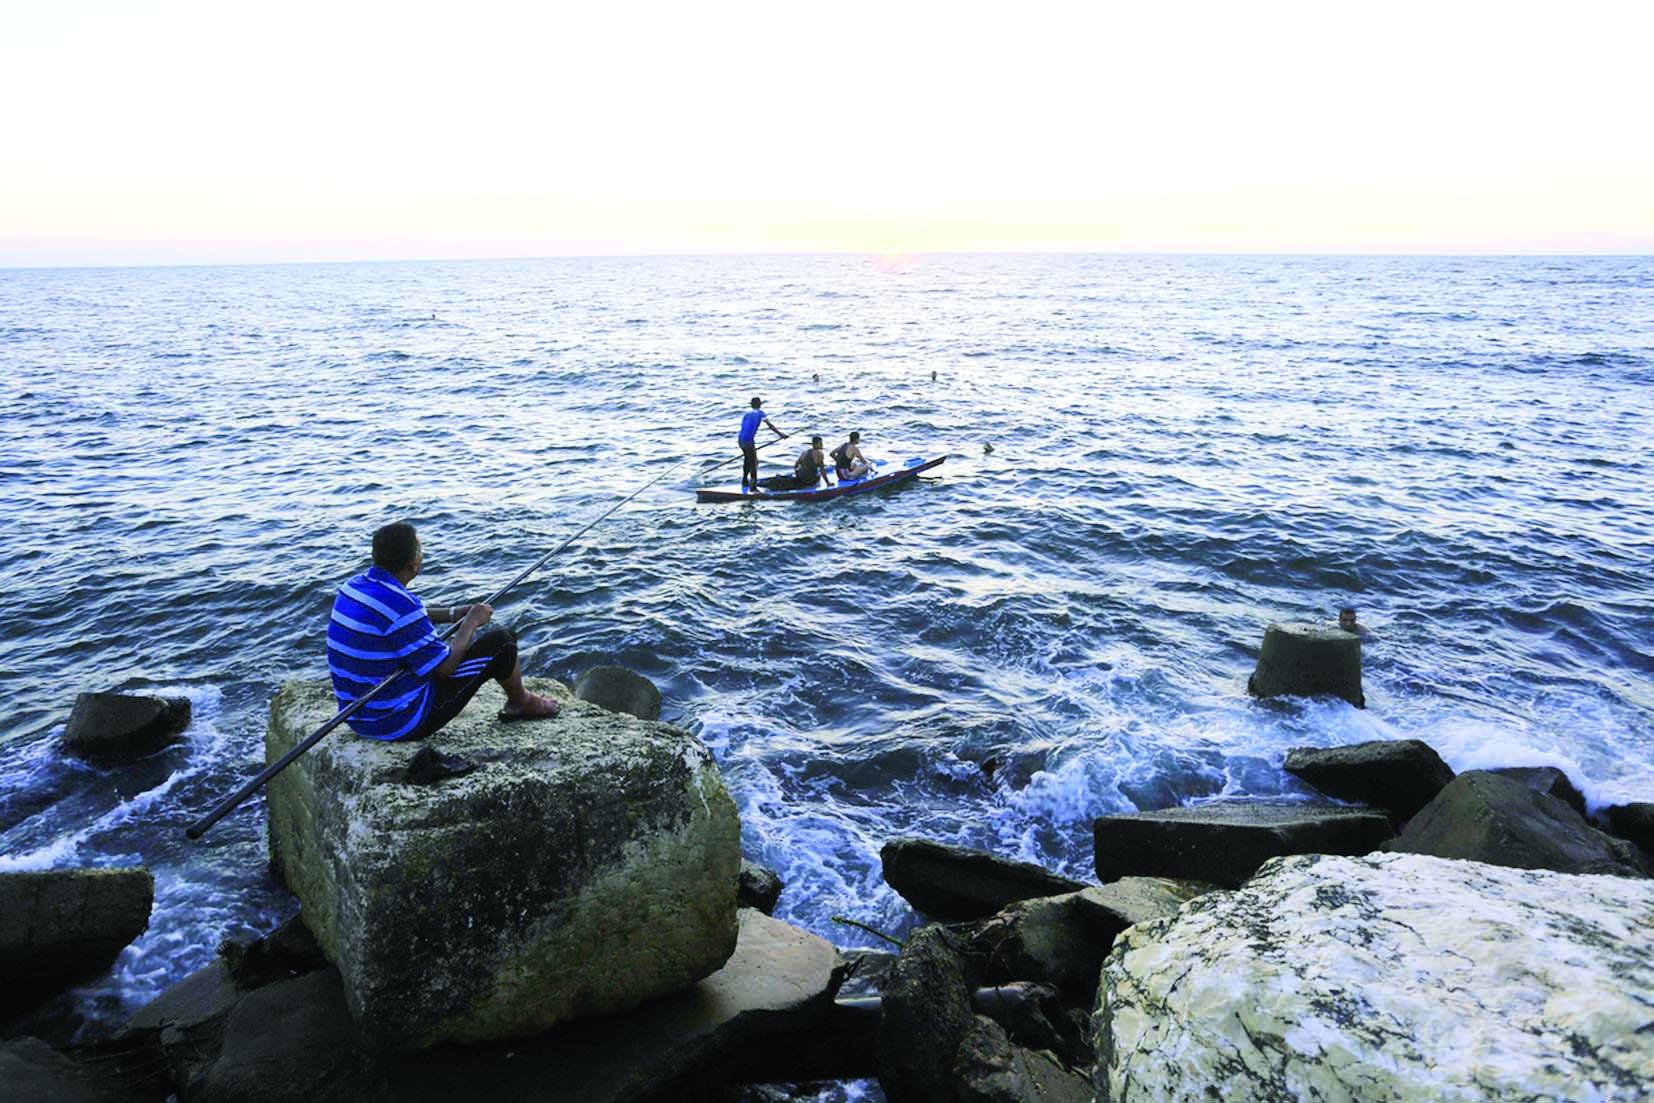 فتح ترفض أي مفاوضات حول ميناء بغزة تحت السيطرة الإسرائيلية